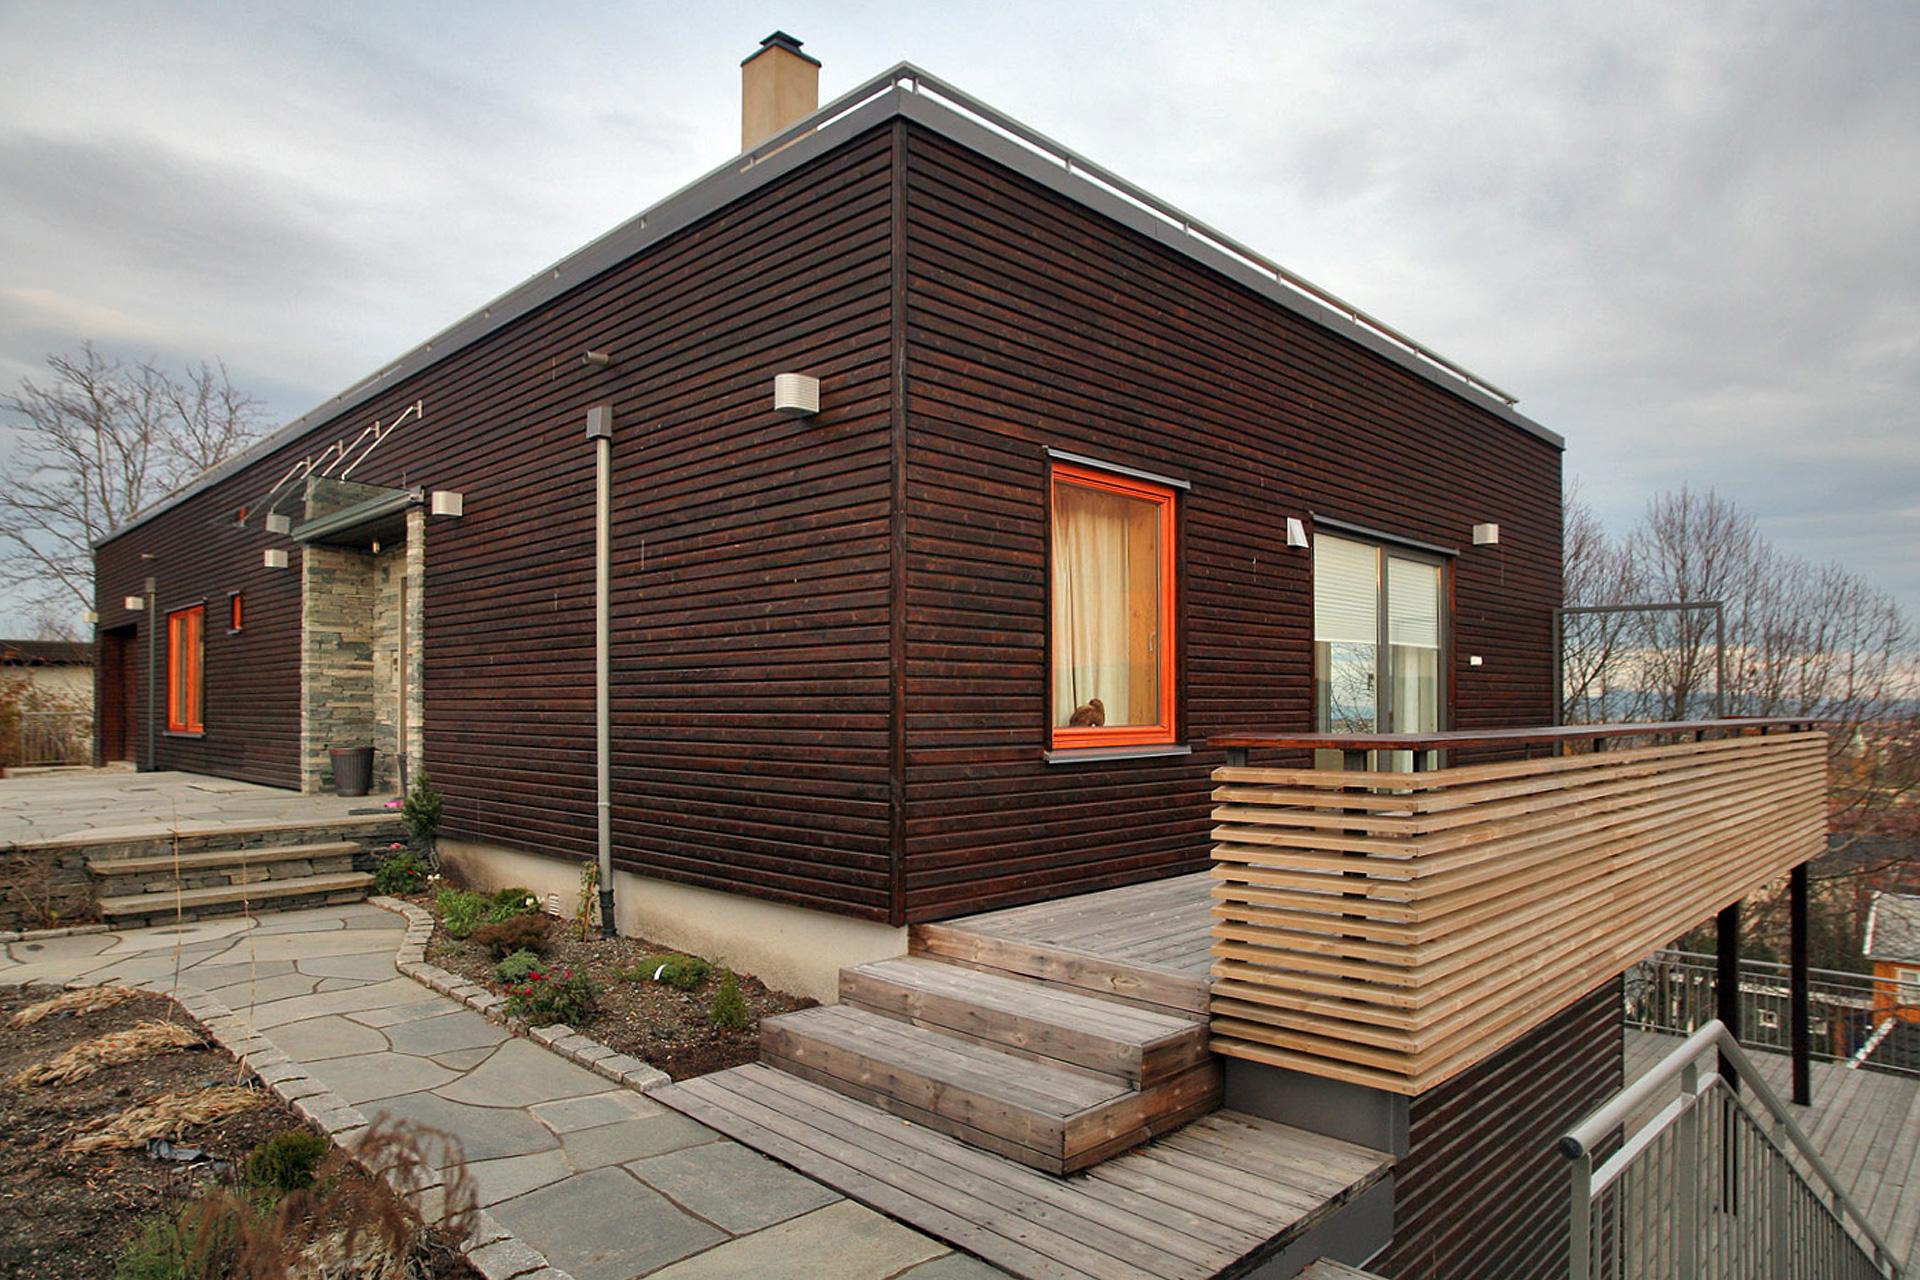 arkitekt trondheim enebolig belysning m rk stue. Black Bedroom Furniture Sets. Home Design Ideas